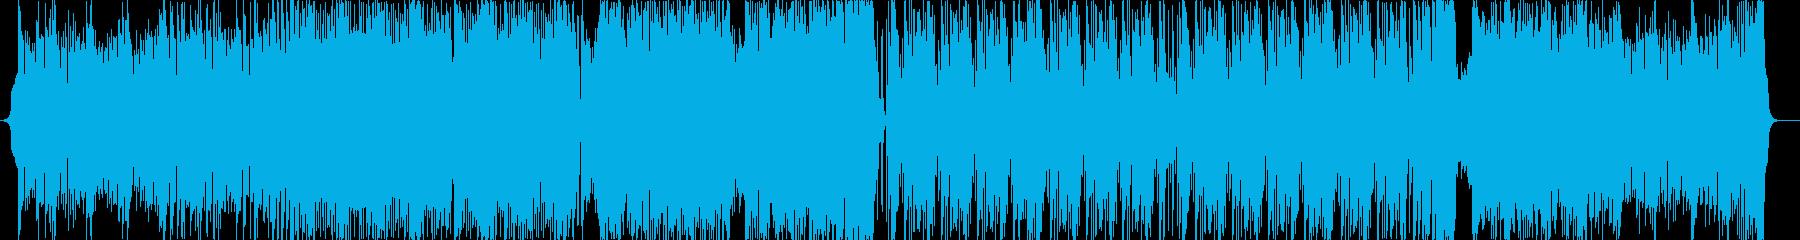 激しいビッグビート/メタルの再生済みの波形